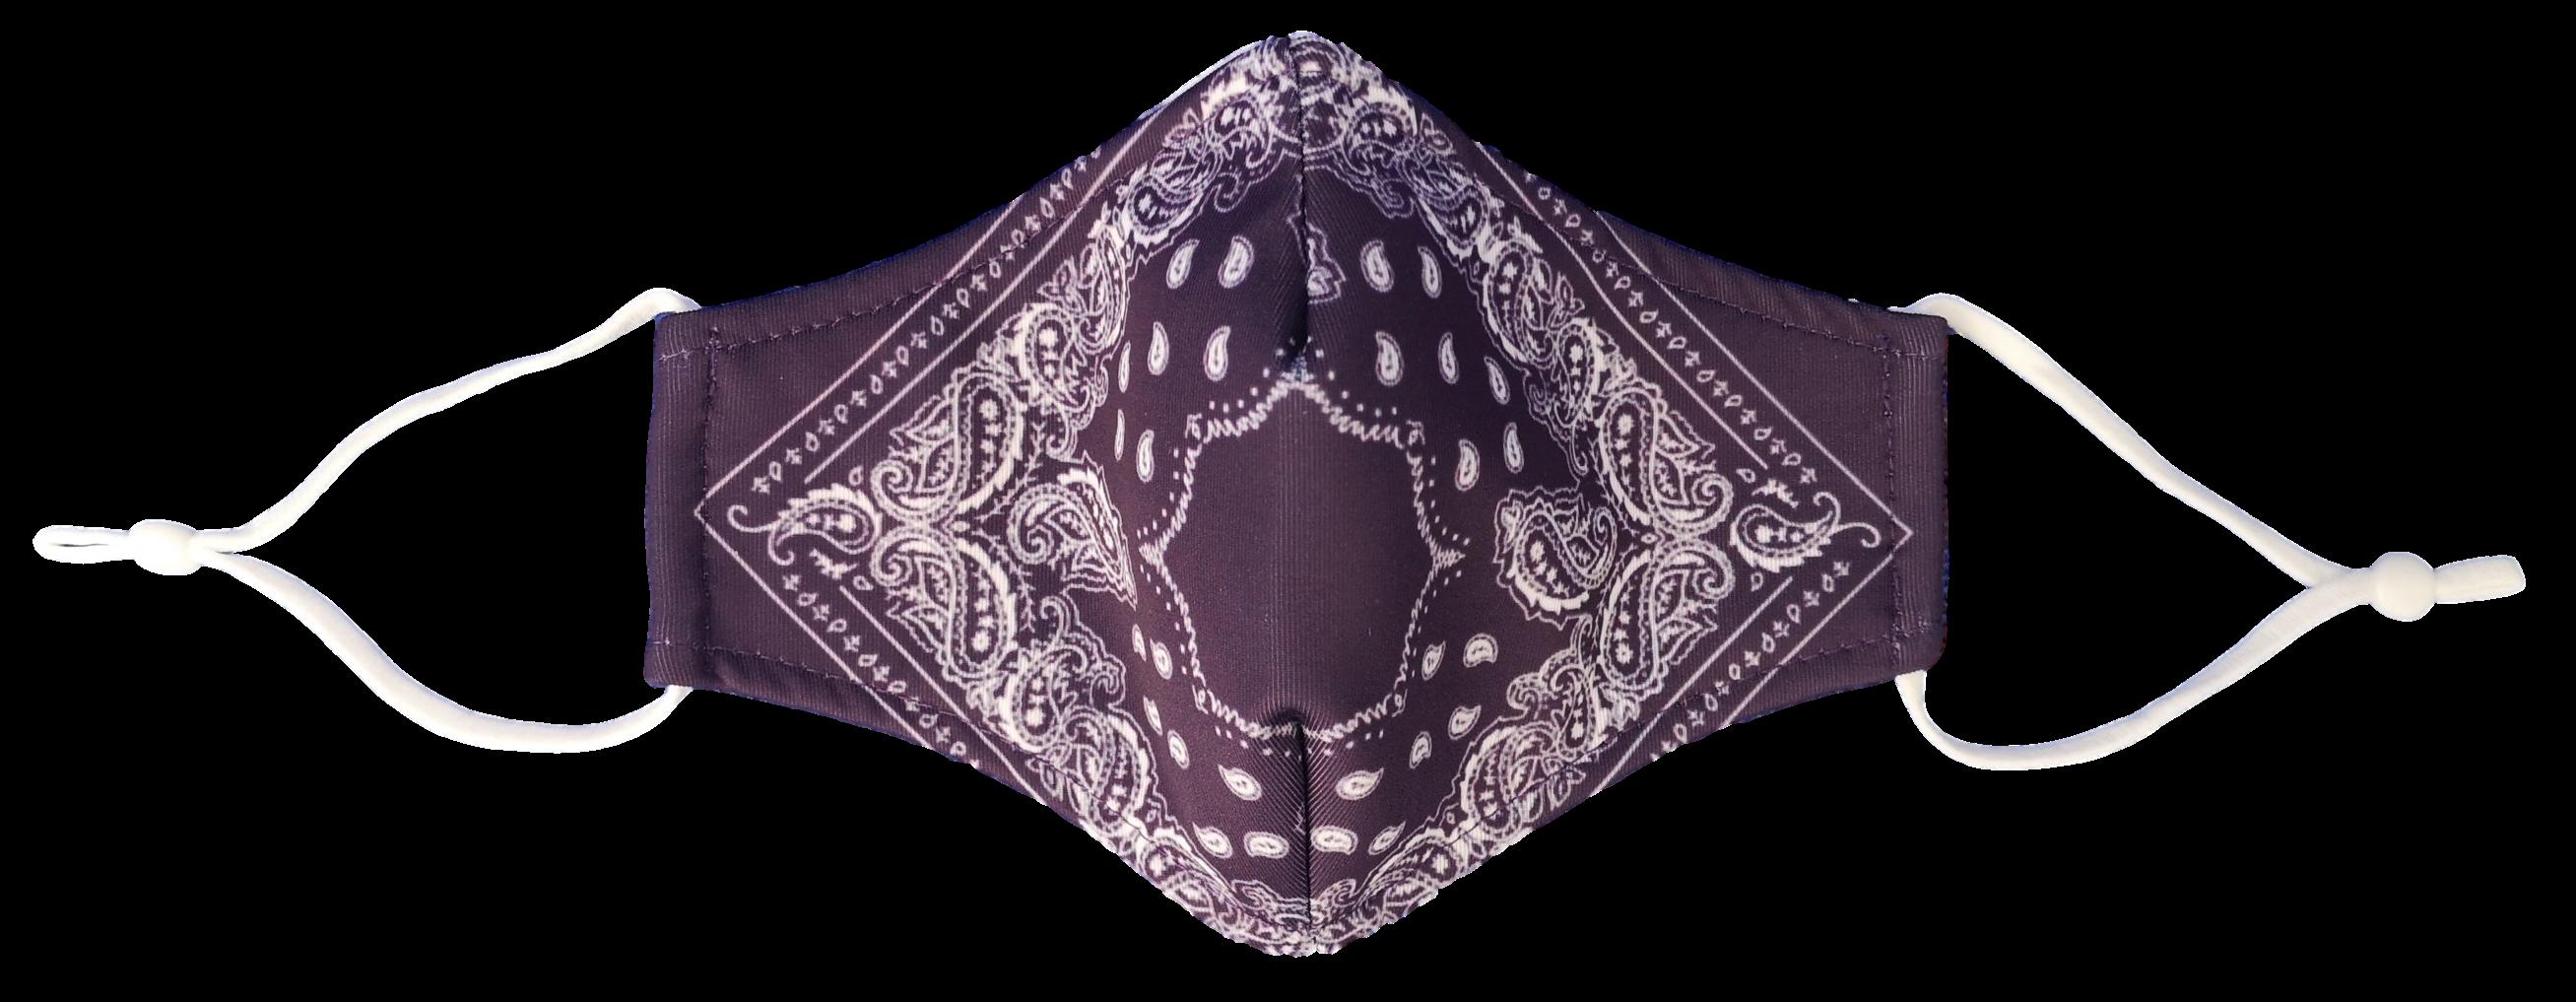 Bandanna Reusable Face Mask